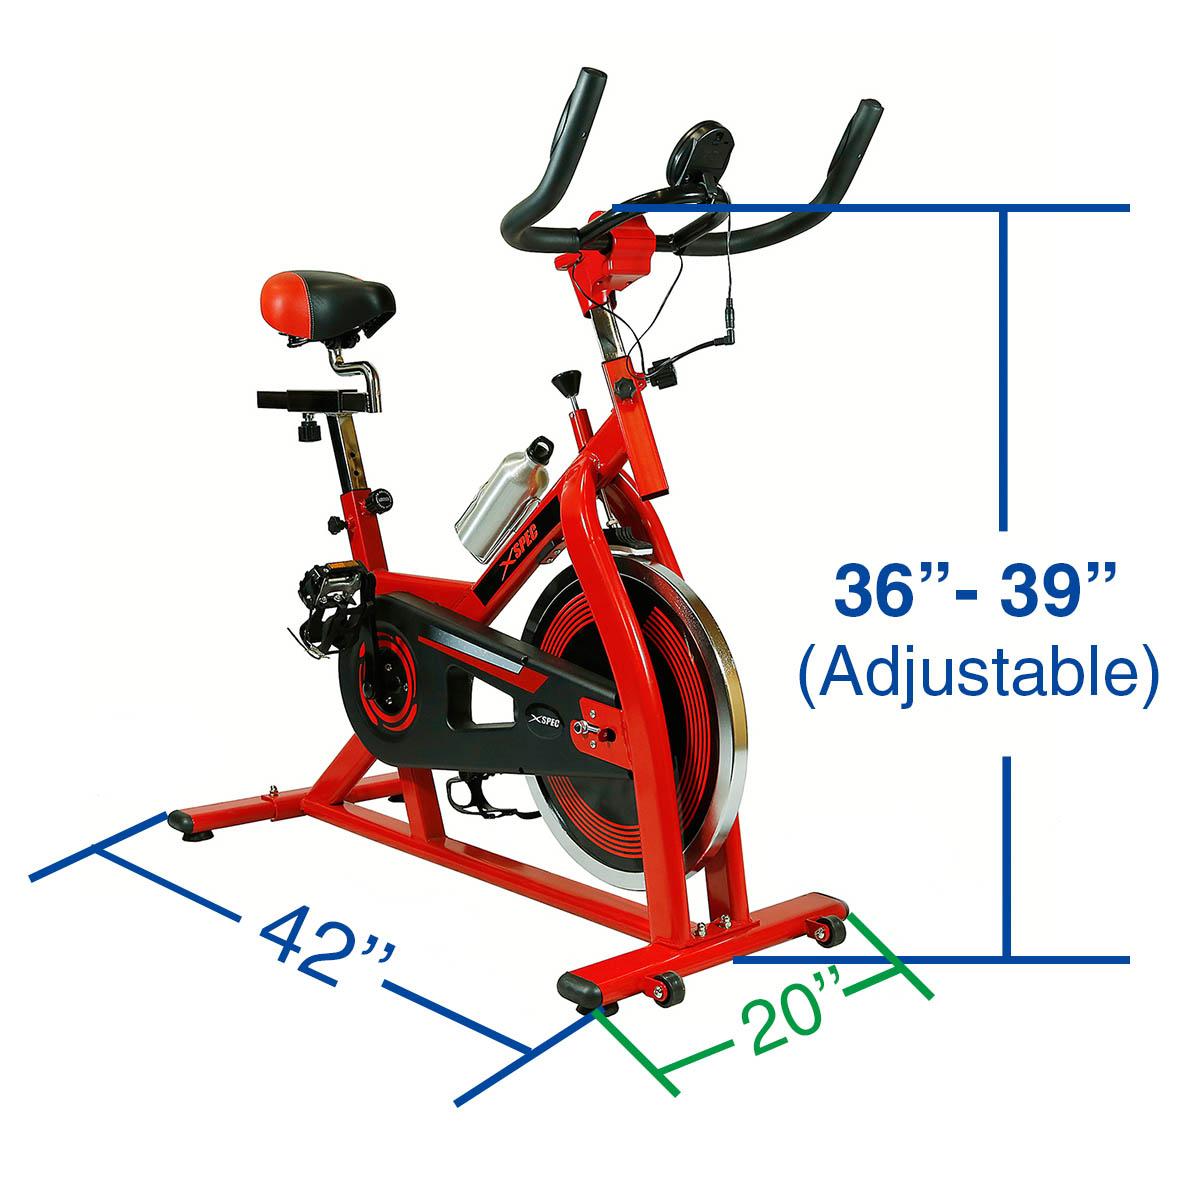 NEW Xspec Pro Stationary Upright Exercise Bike Cardio ...